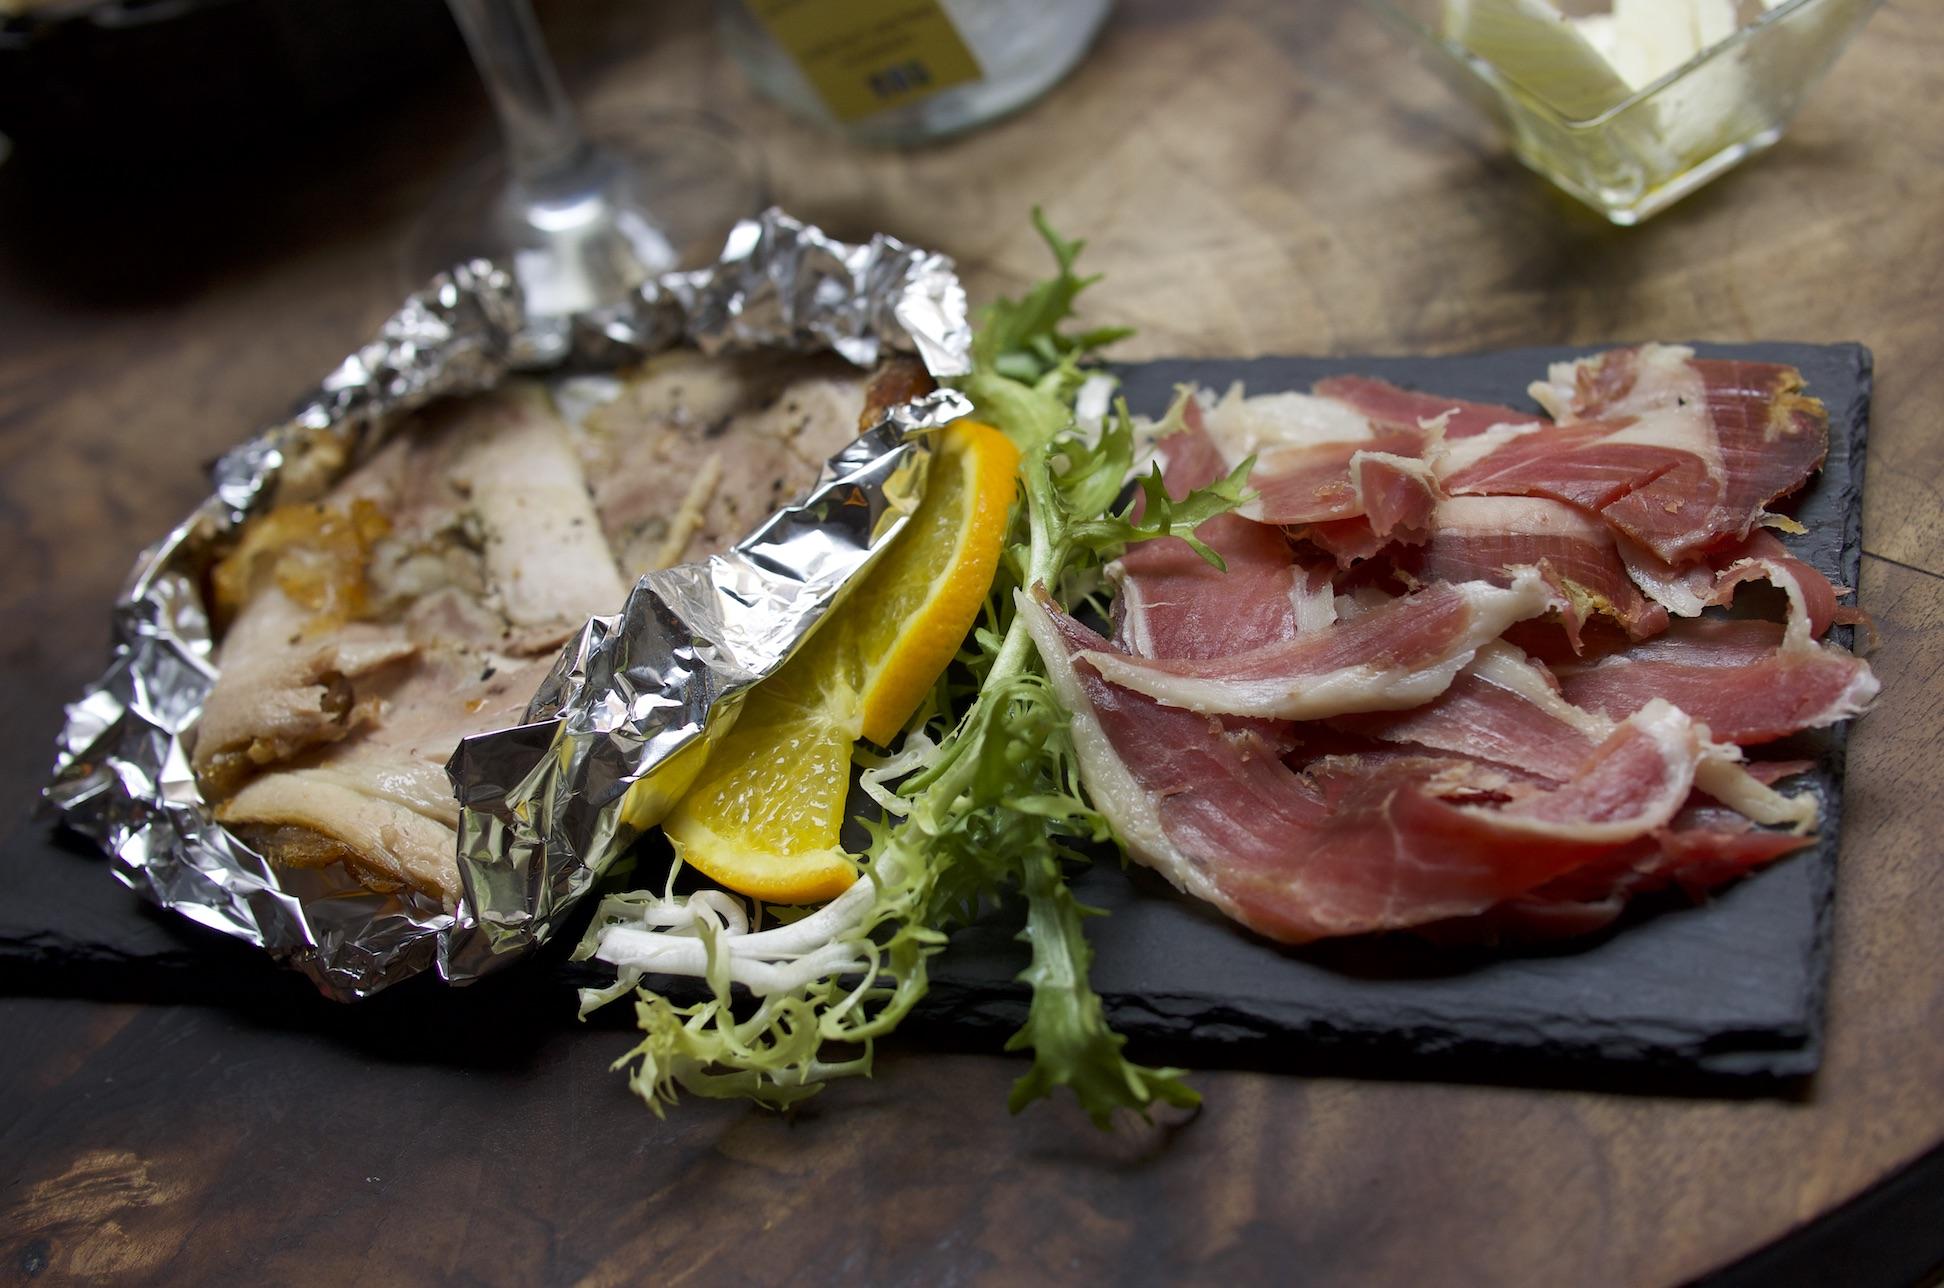 左边是Porchetta,右边是生火腿。  Porchetta 是意大利的烤猪肉,是将整扇新鲜猪肋的骨头剔除、加入调料揉捏后卷成圆柱状后用绳子捆绑再进行烤制。由于是整片肉、且有肥有瘦,因此即使是切片后的 Porchetta ,肉汁也非常饱满、肉香十分浓郁、肉质酥软且肥而不腻,绝对是不可错失的意大利美味。而且 Porchetta 源于罗马地区,因此在罗马更应该尝尝。罗马的许多餐厅、小馆、甚至是超市都供应这一道美味。